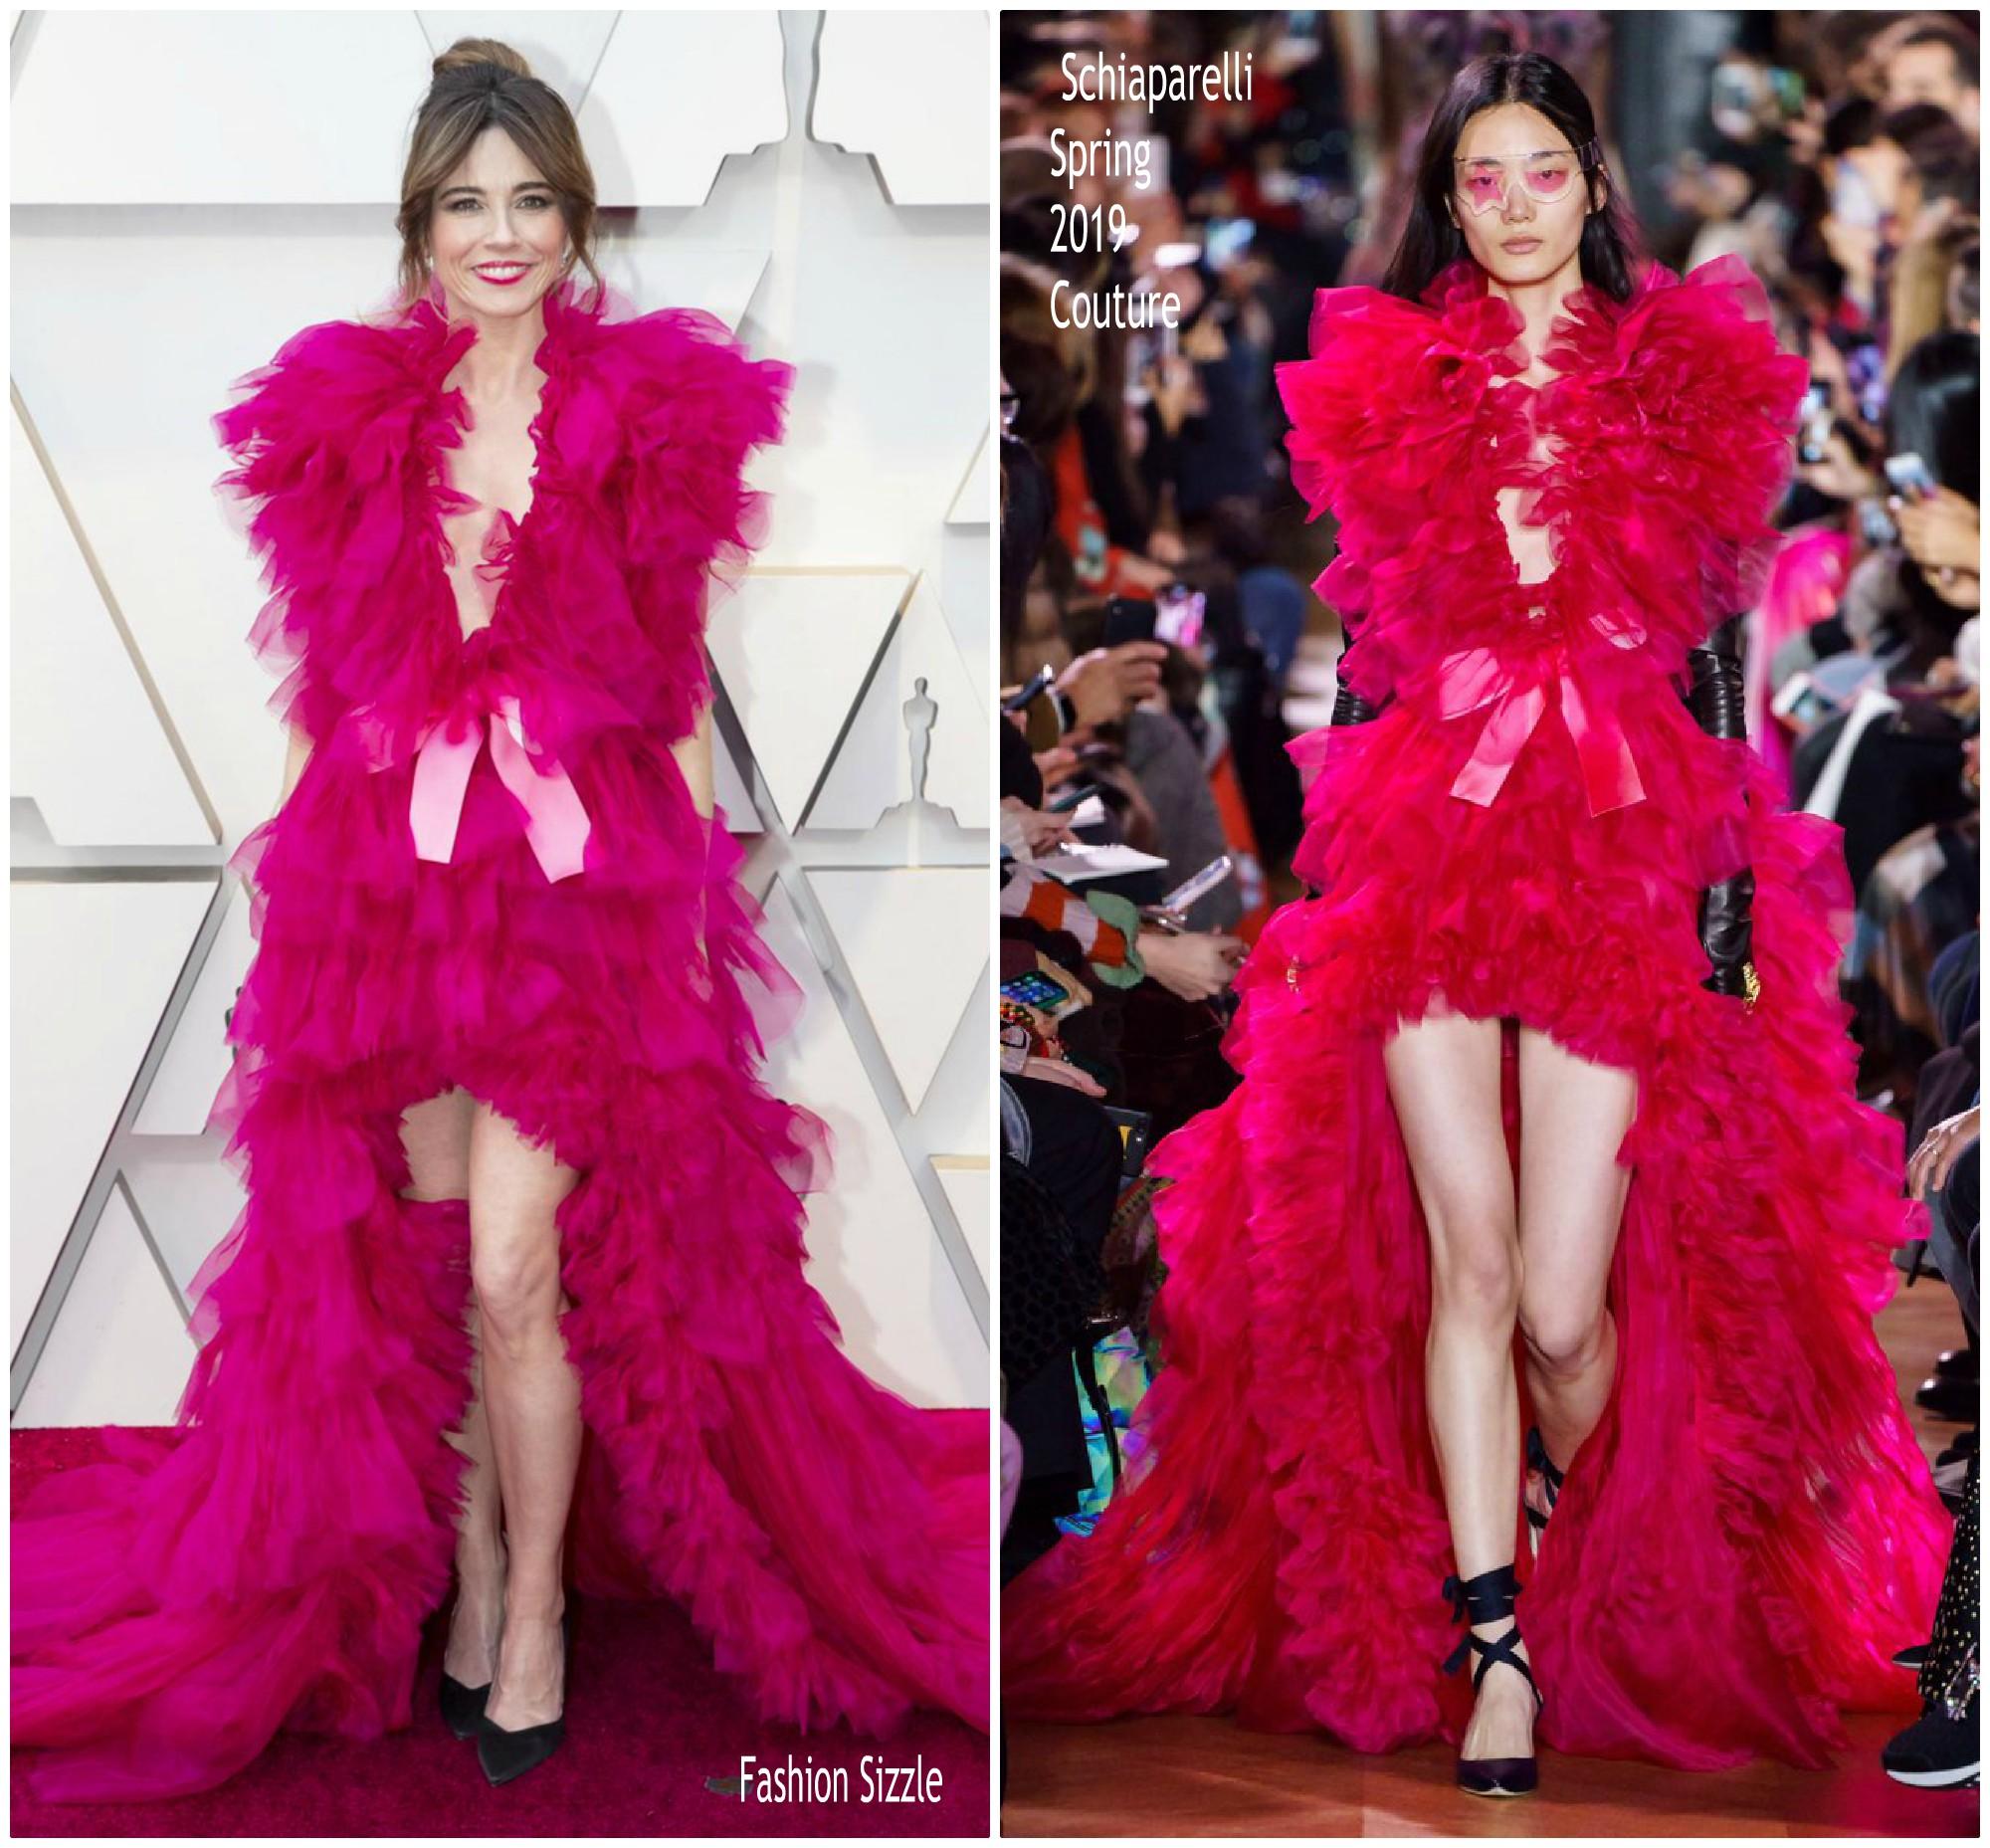 linda-cardellini-in-schiaparelli-haute-couture-2019-oscars